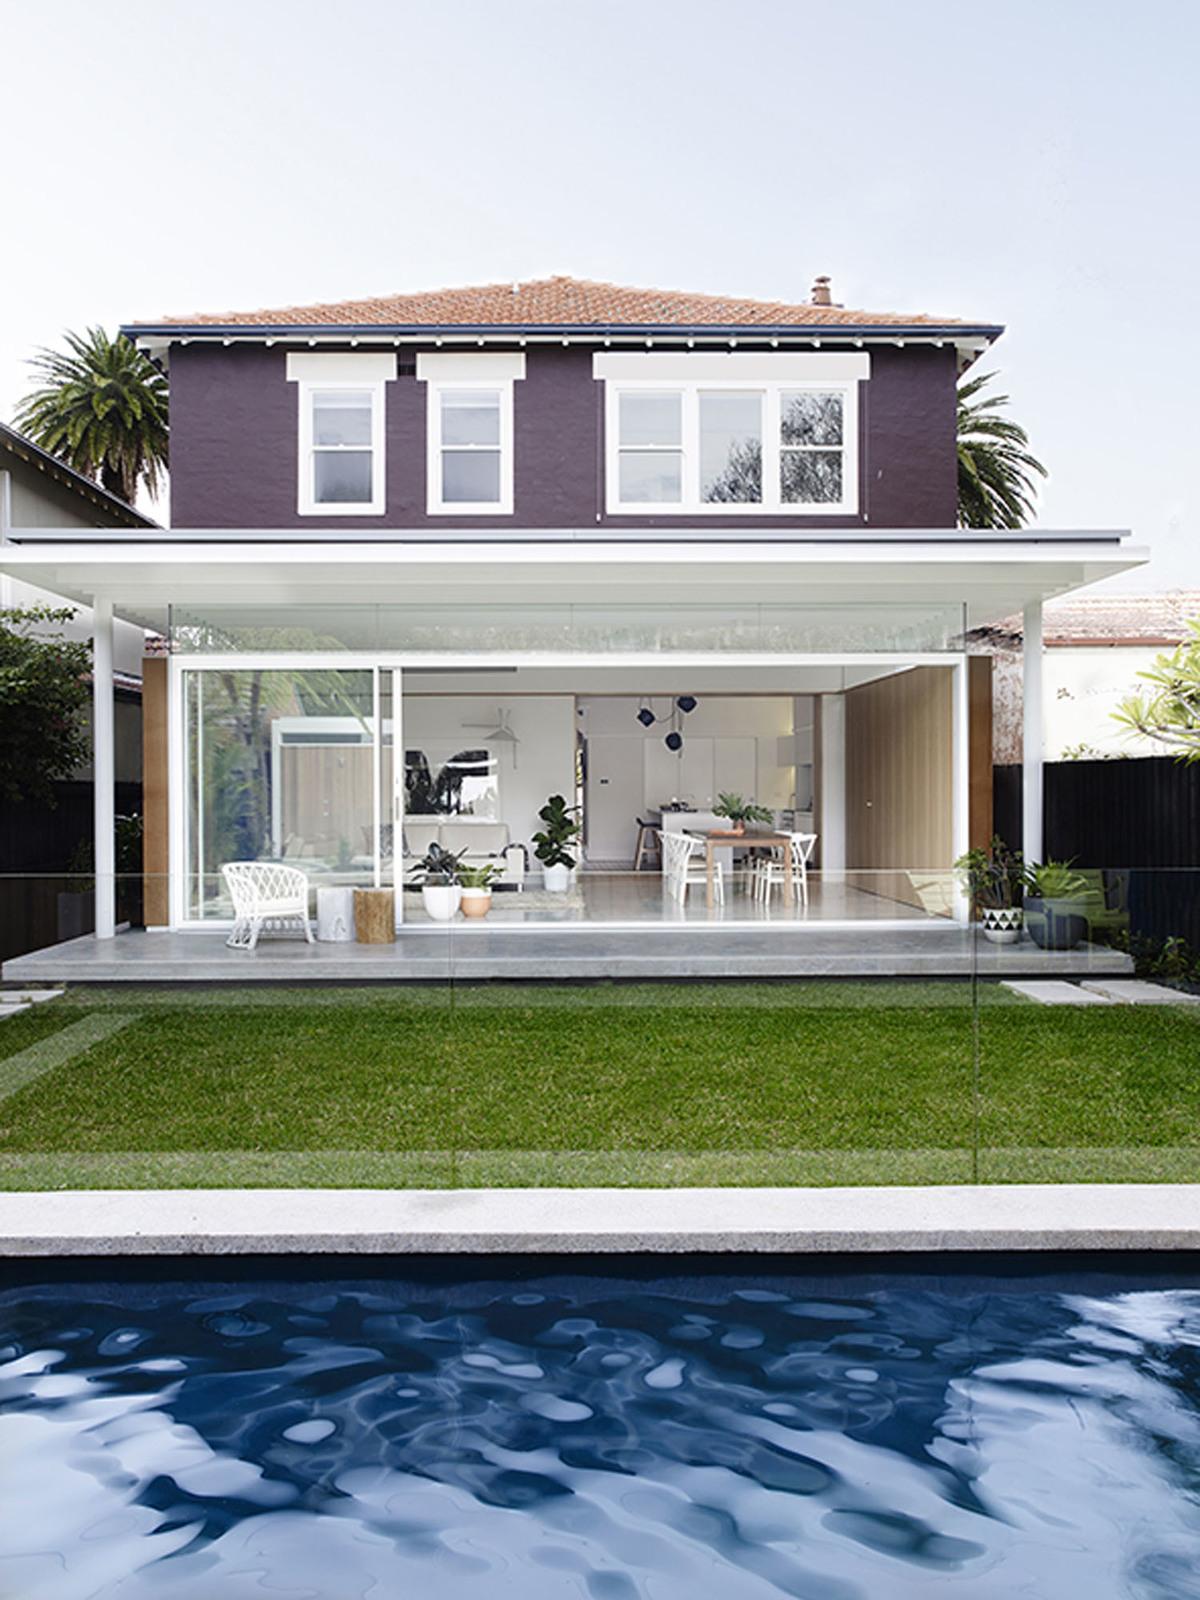 Coogee House - Australian Garden Pool Exterior Design - Madeleine Blanchfield Architects - Interior Archive